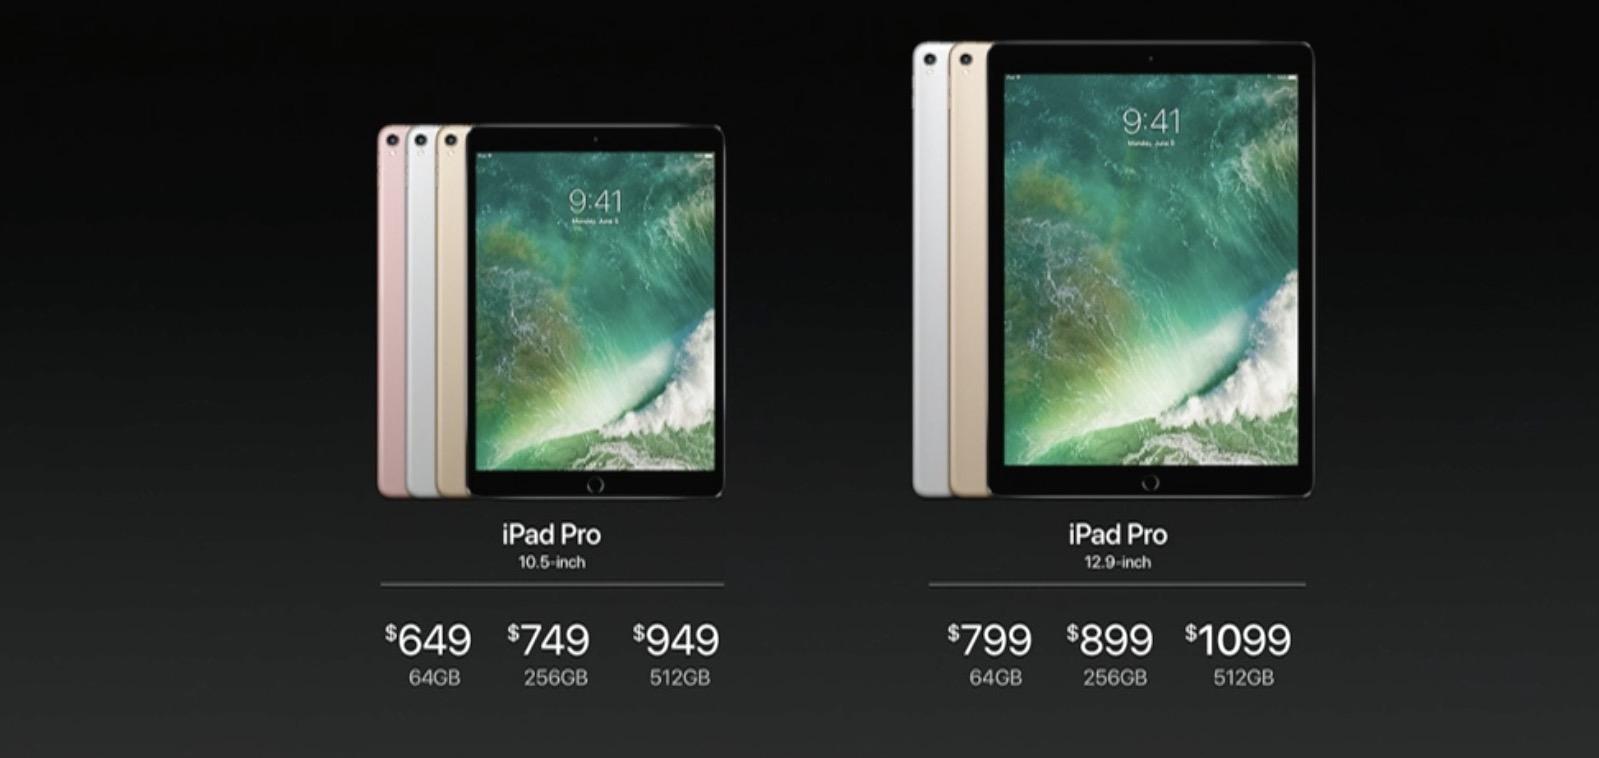 Giá khởi điểm của iPad Pro 10.5 inch